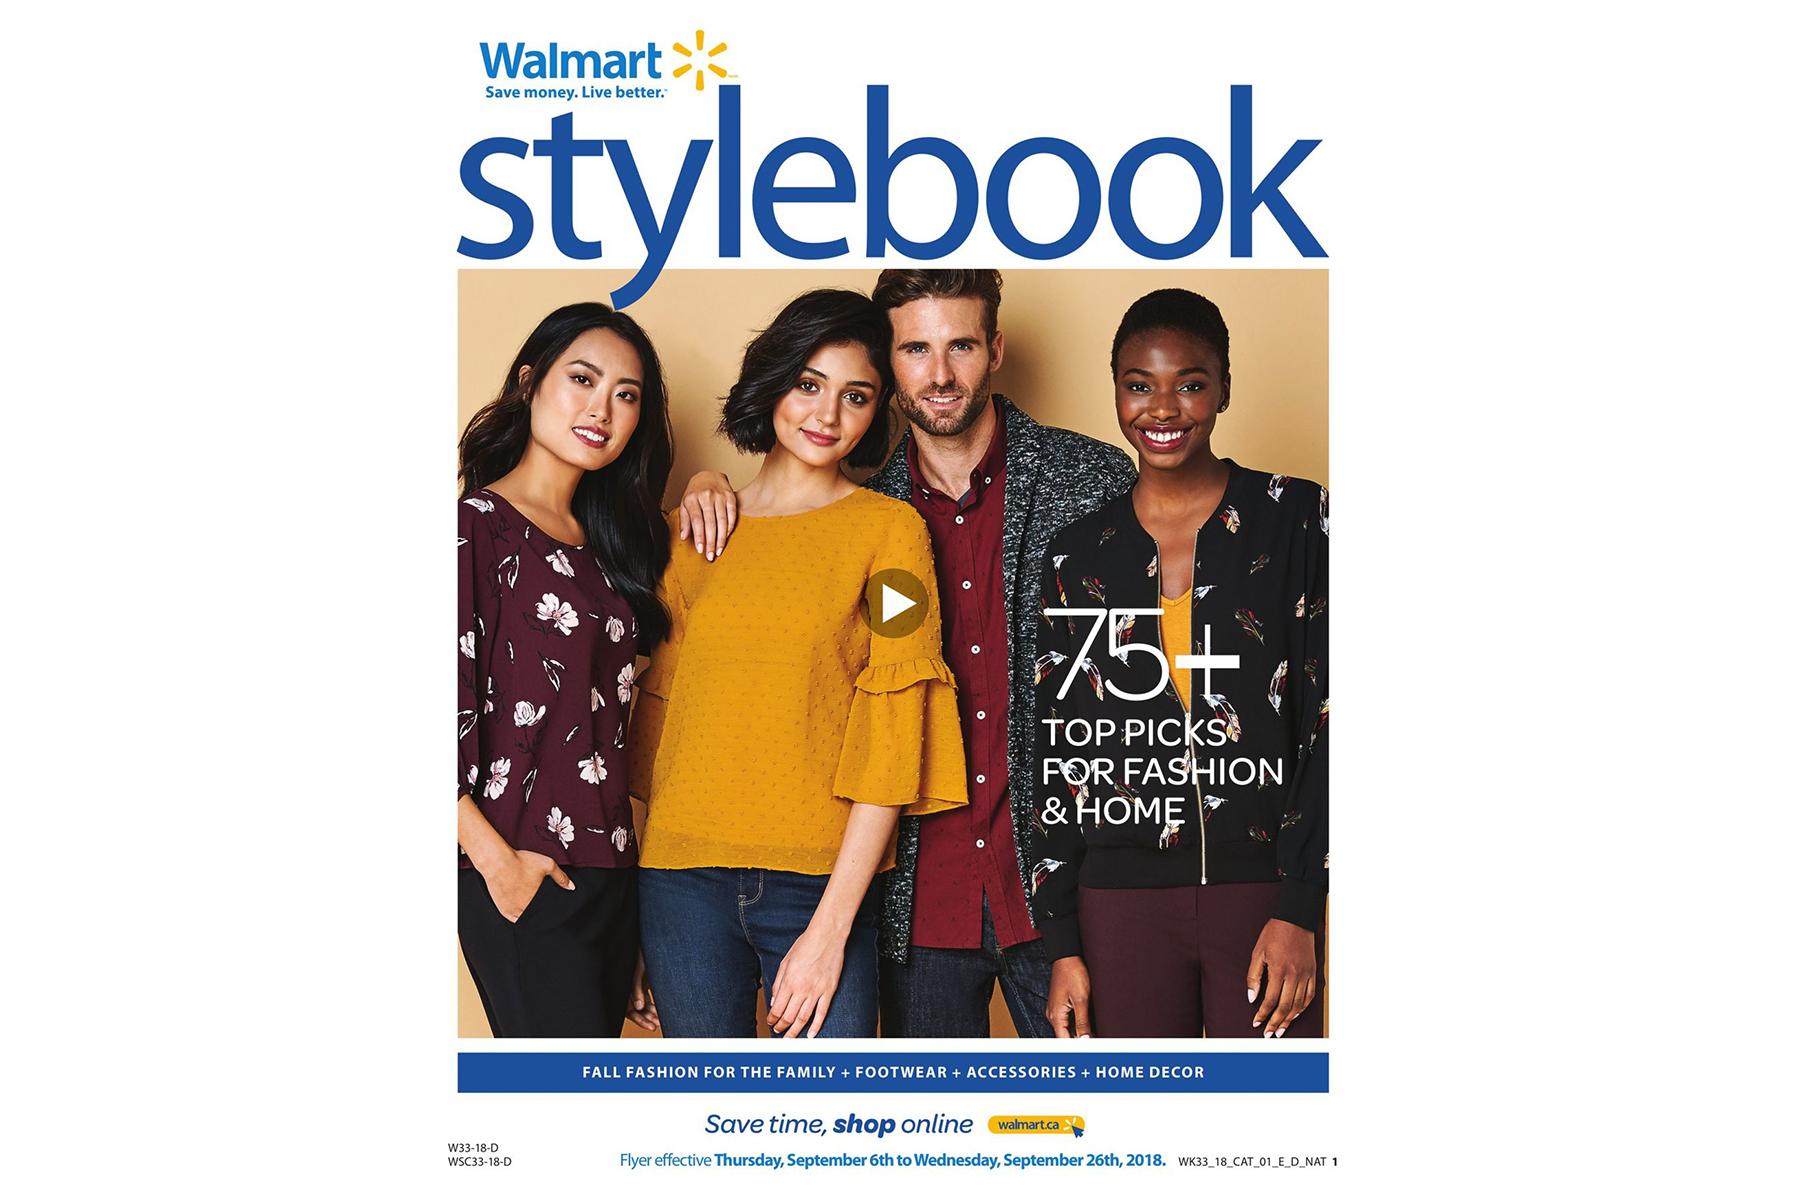 Walmartcover.jpg